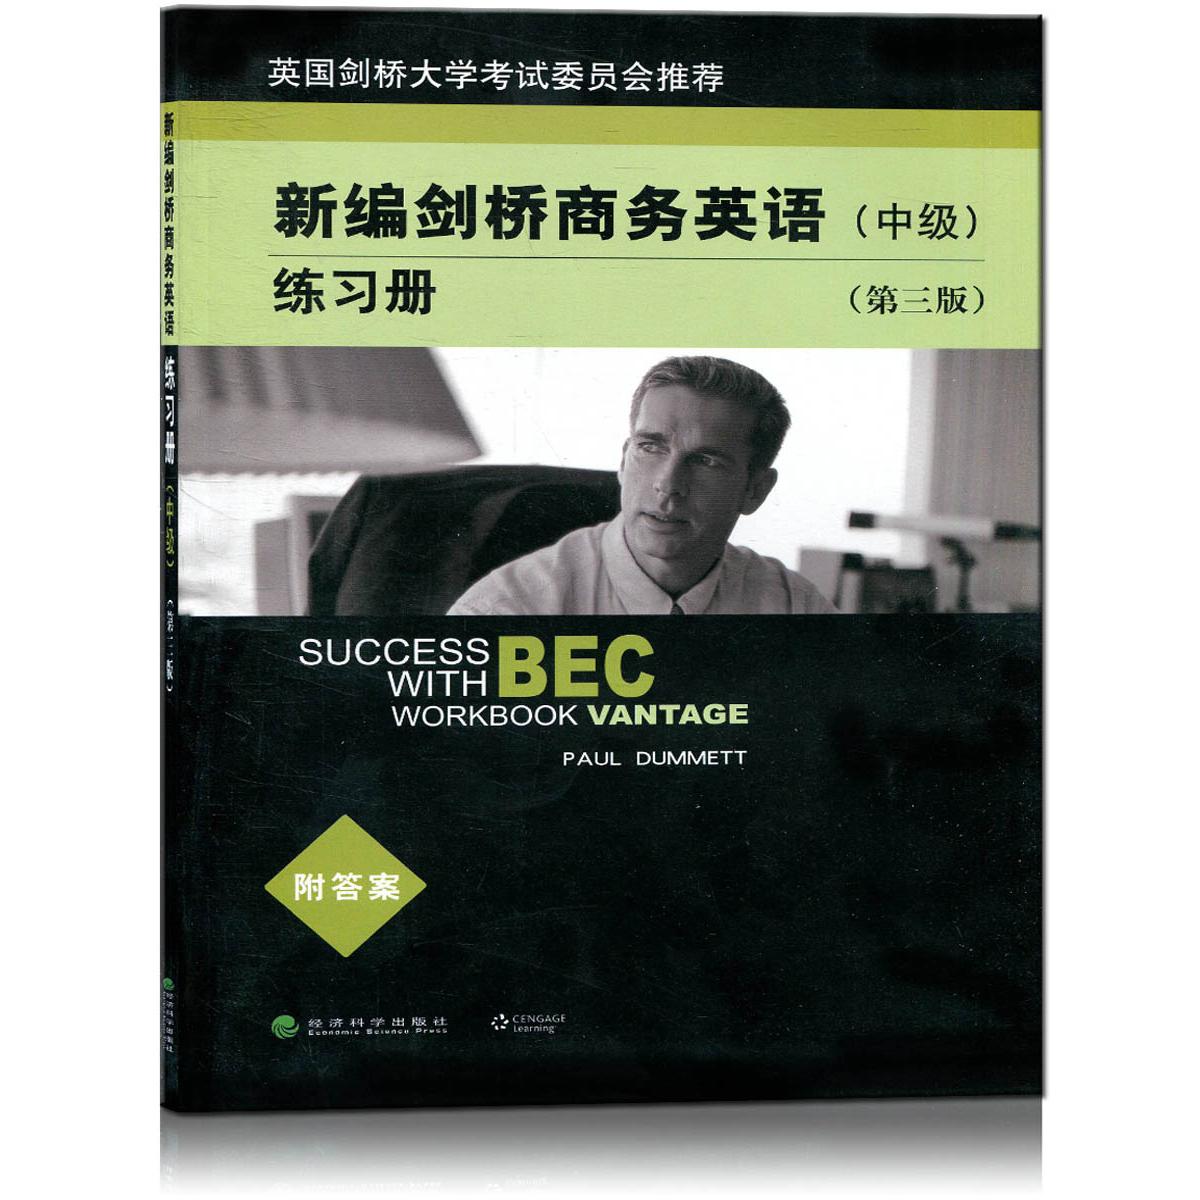 新编剑桥商务英语bec 中级 练习册 第三版 经济科学出版社 中级商务英语考试中级BEC考试BEC教材BEC中级教材配套习题集